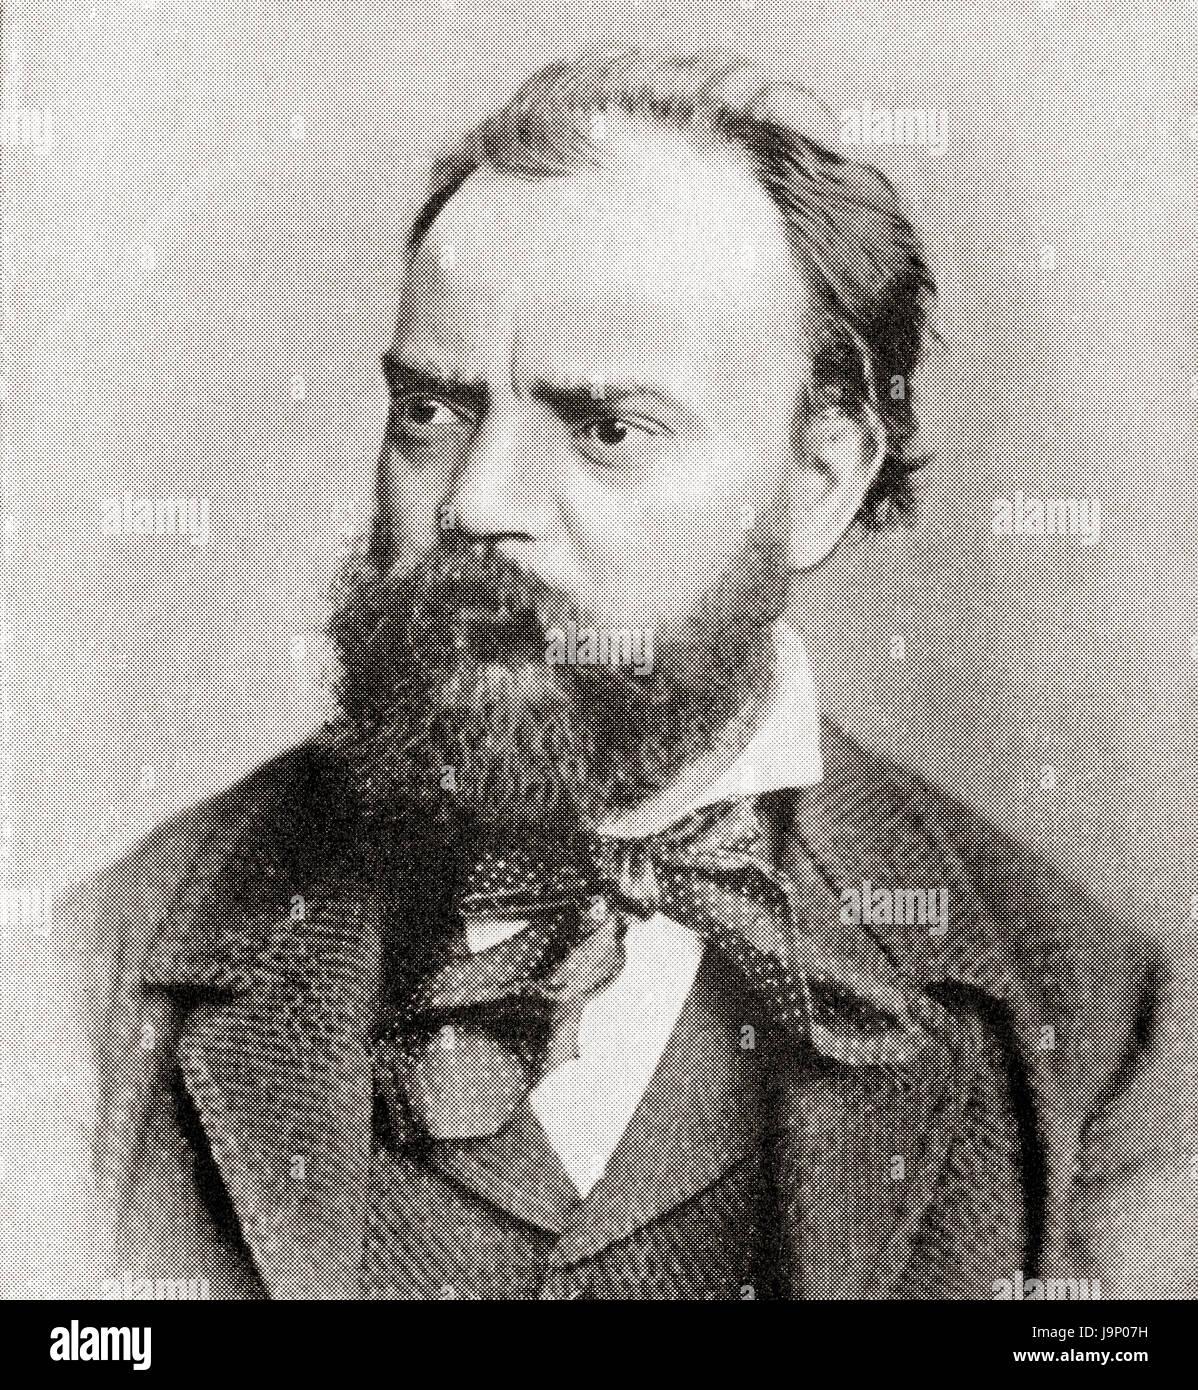 Antonín Leopold Dvořák, 1841 - 1904. Compositore ceco. Da Hutchinson nella storia delle nazioni, pubblicato Immagini Stock